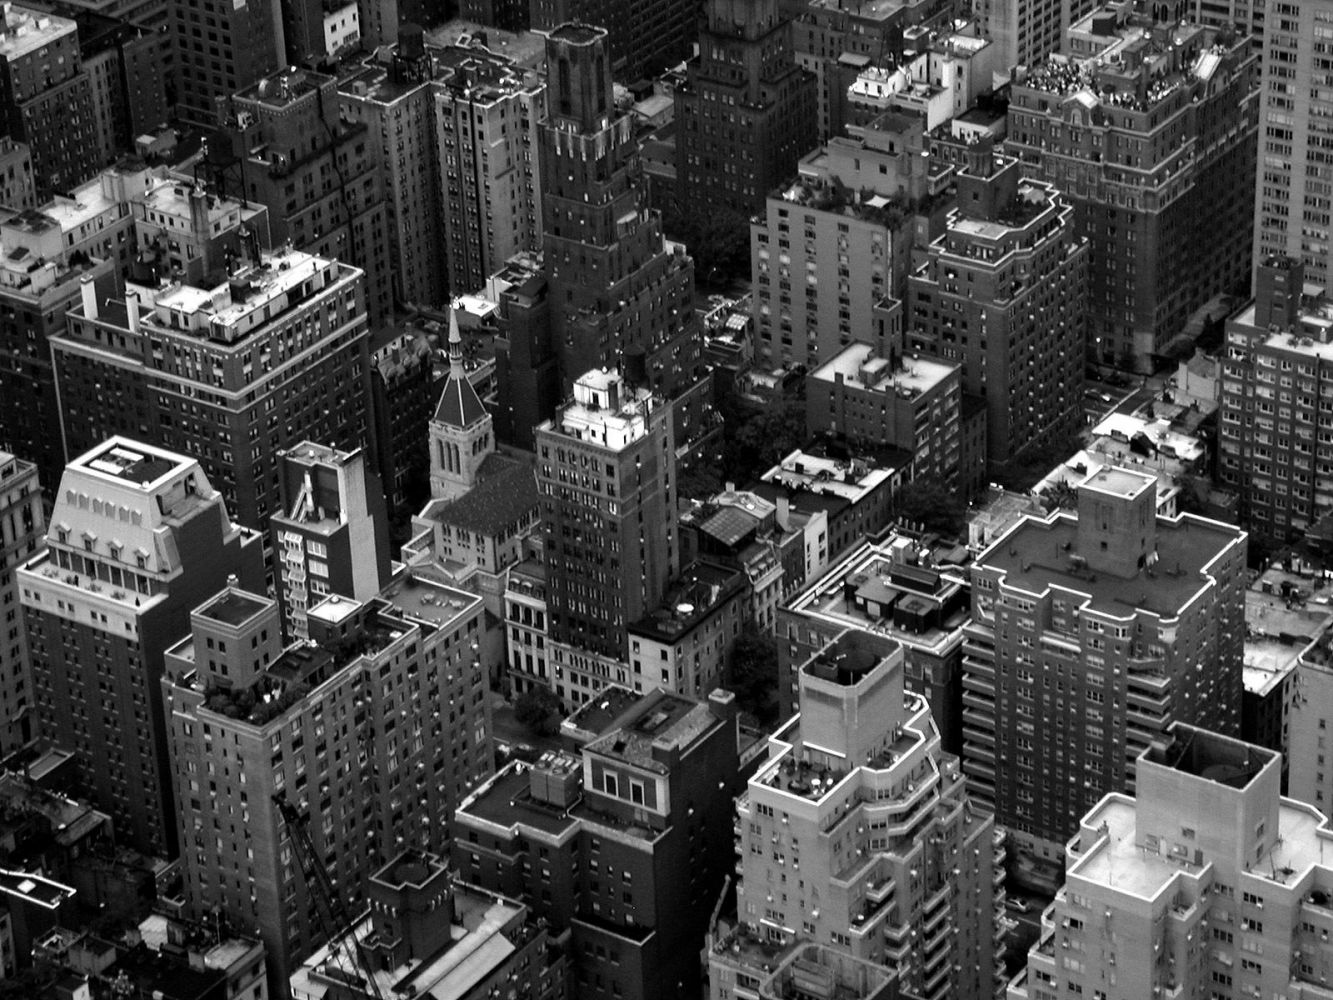 картинки города в сером цвете узнаете, как